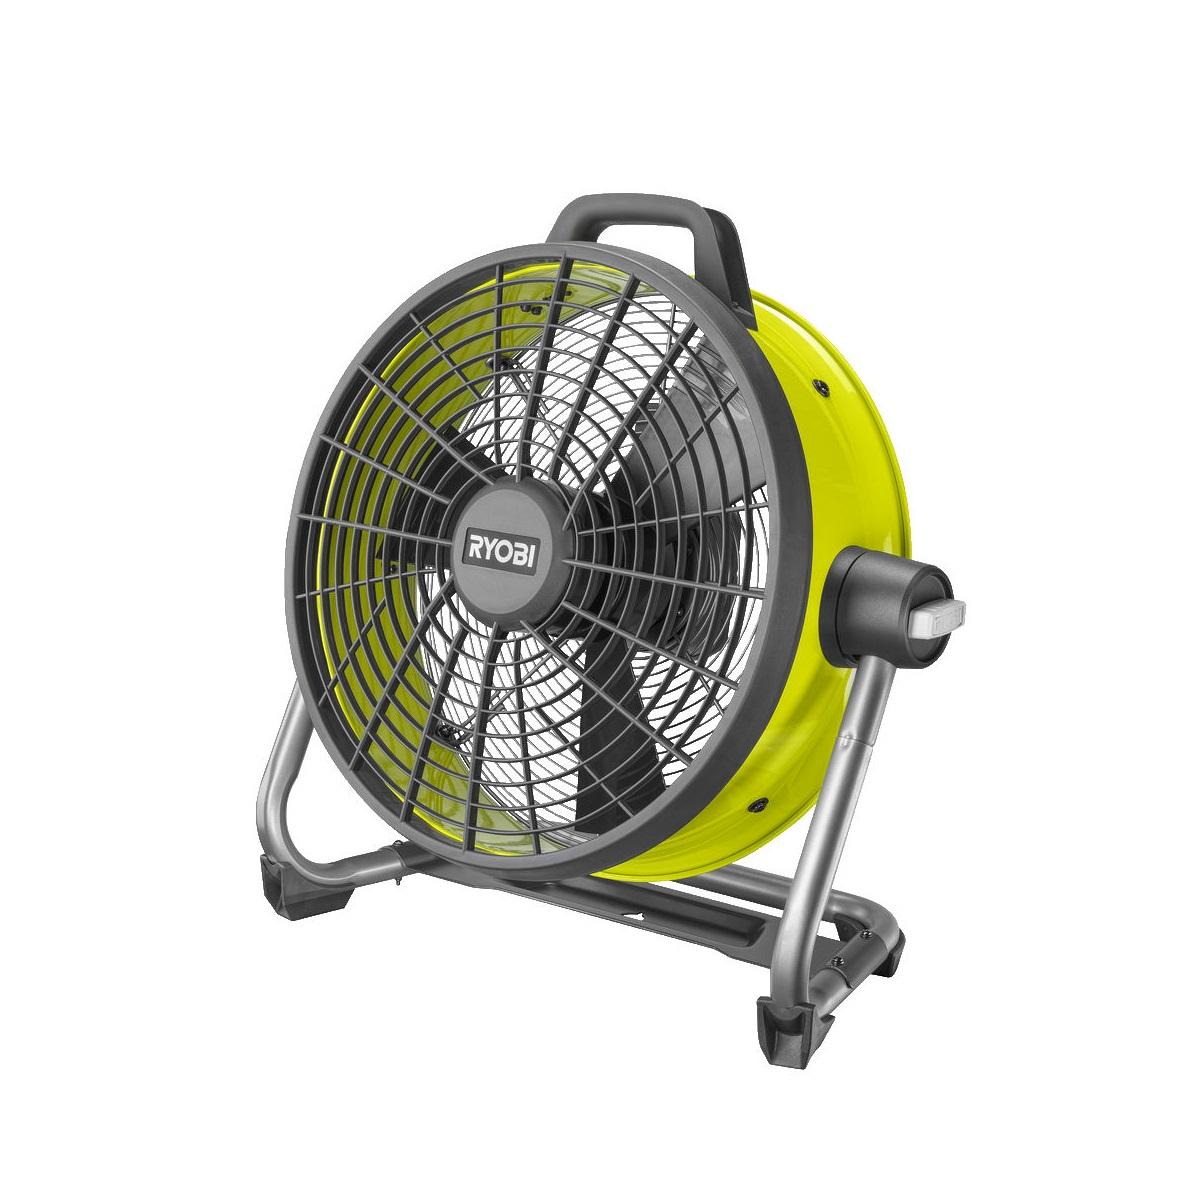 Ryobi R18F5-0, aku ventilátor ONE+(bez baterie a nabíječky)